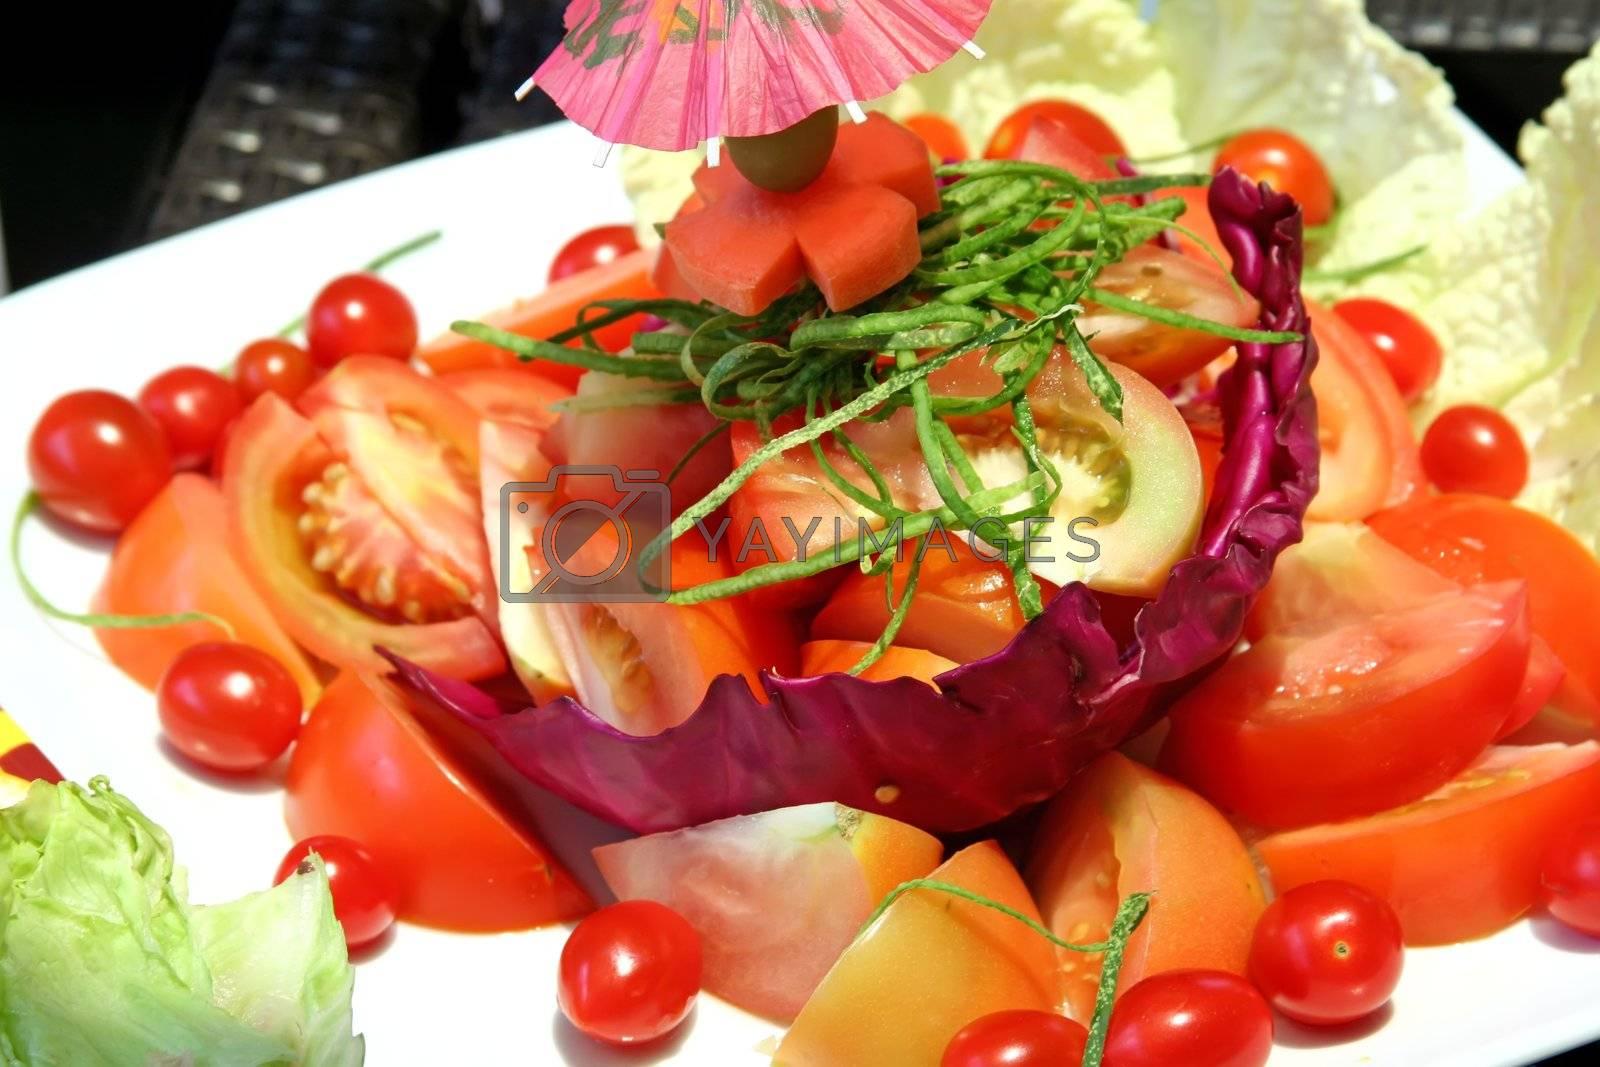 Sliced tomato lettuce salad fresh raw vegetables